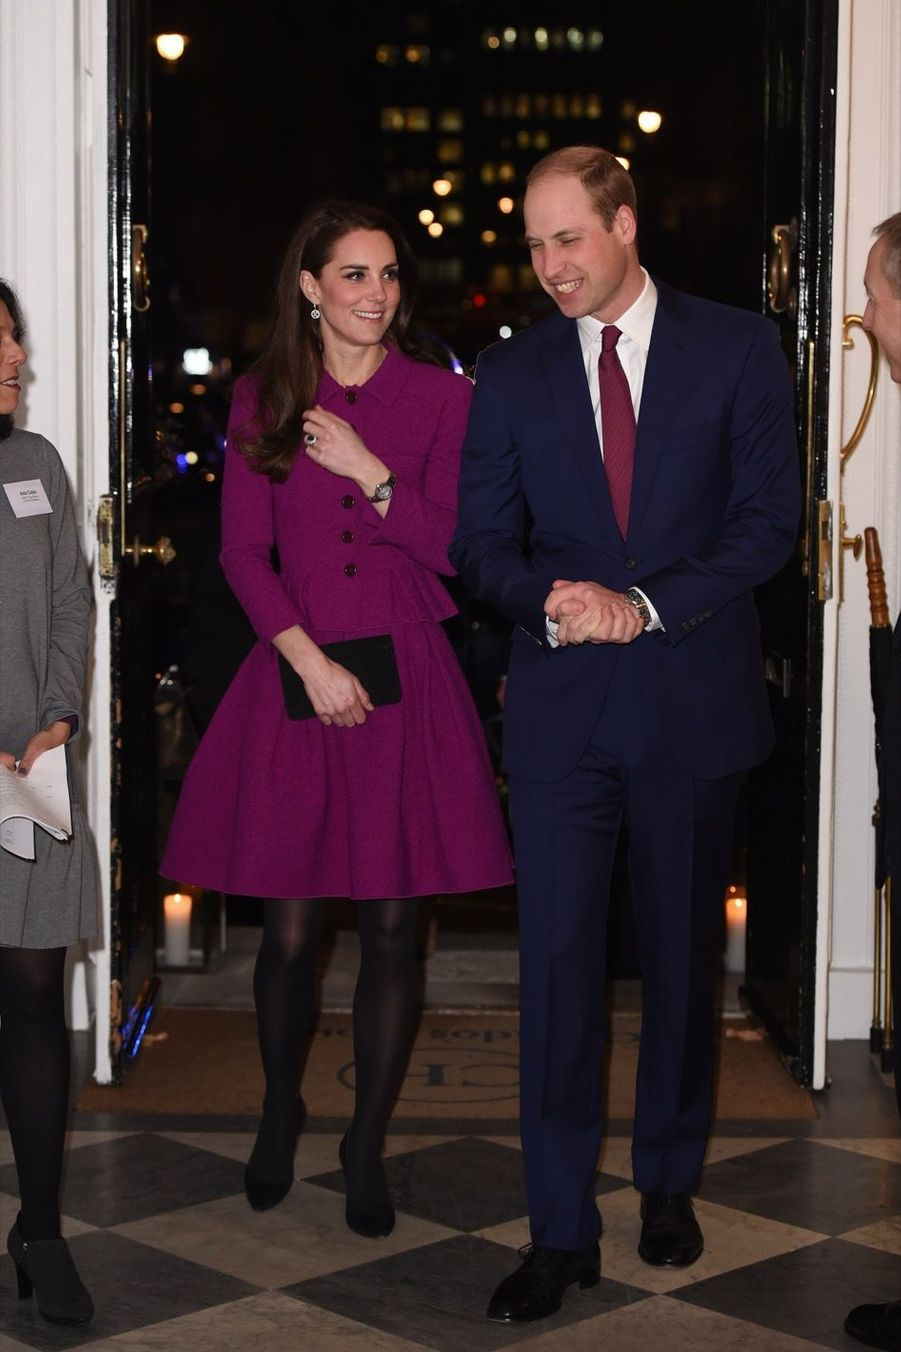 Kate Middleton Et Le Prince William À La Conférence De La Guild Of Health Writers 4